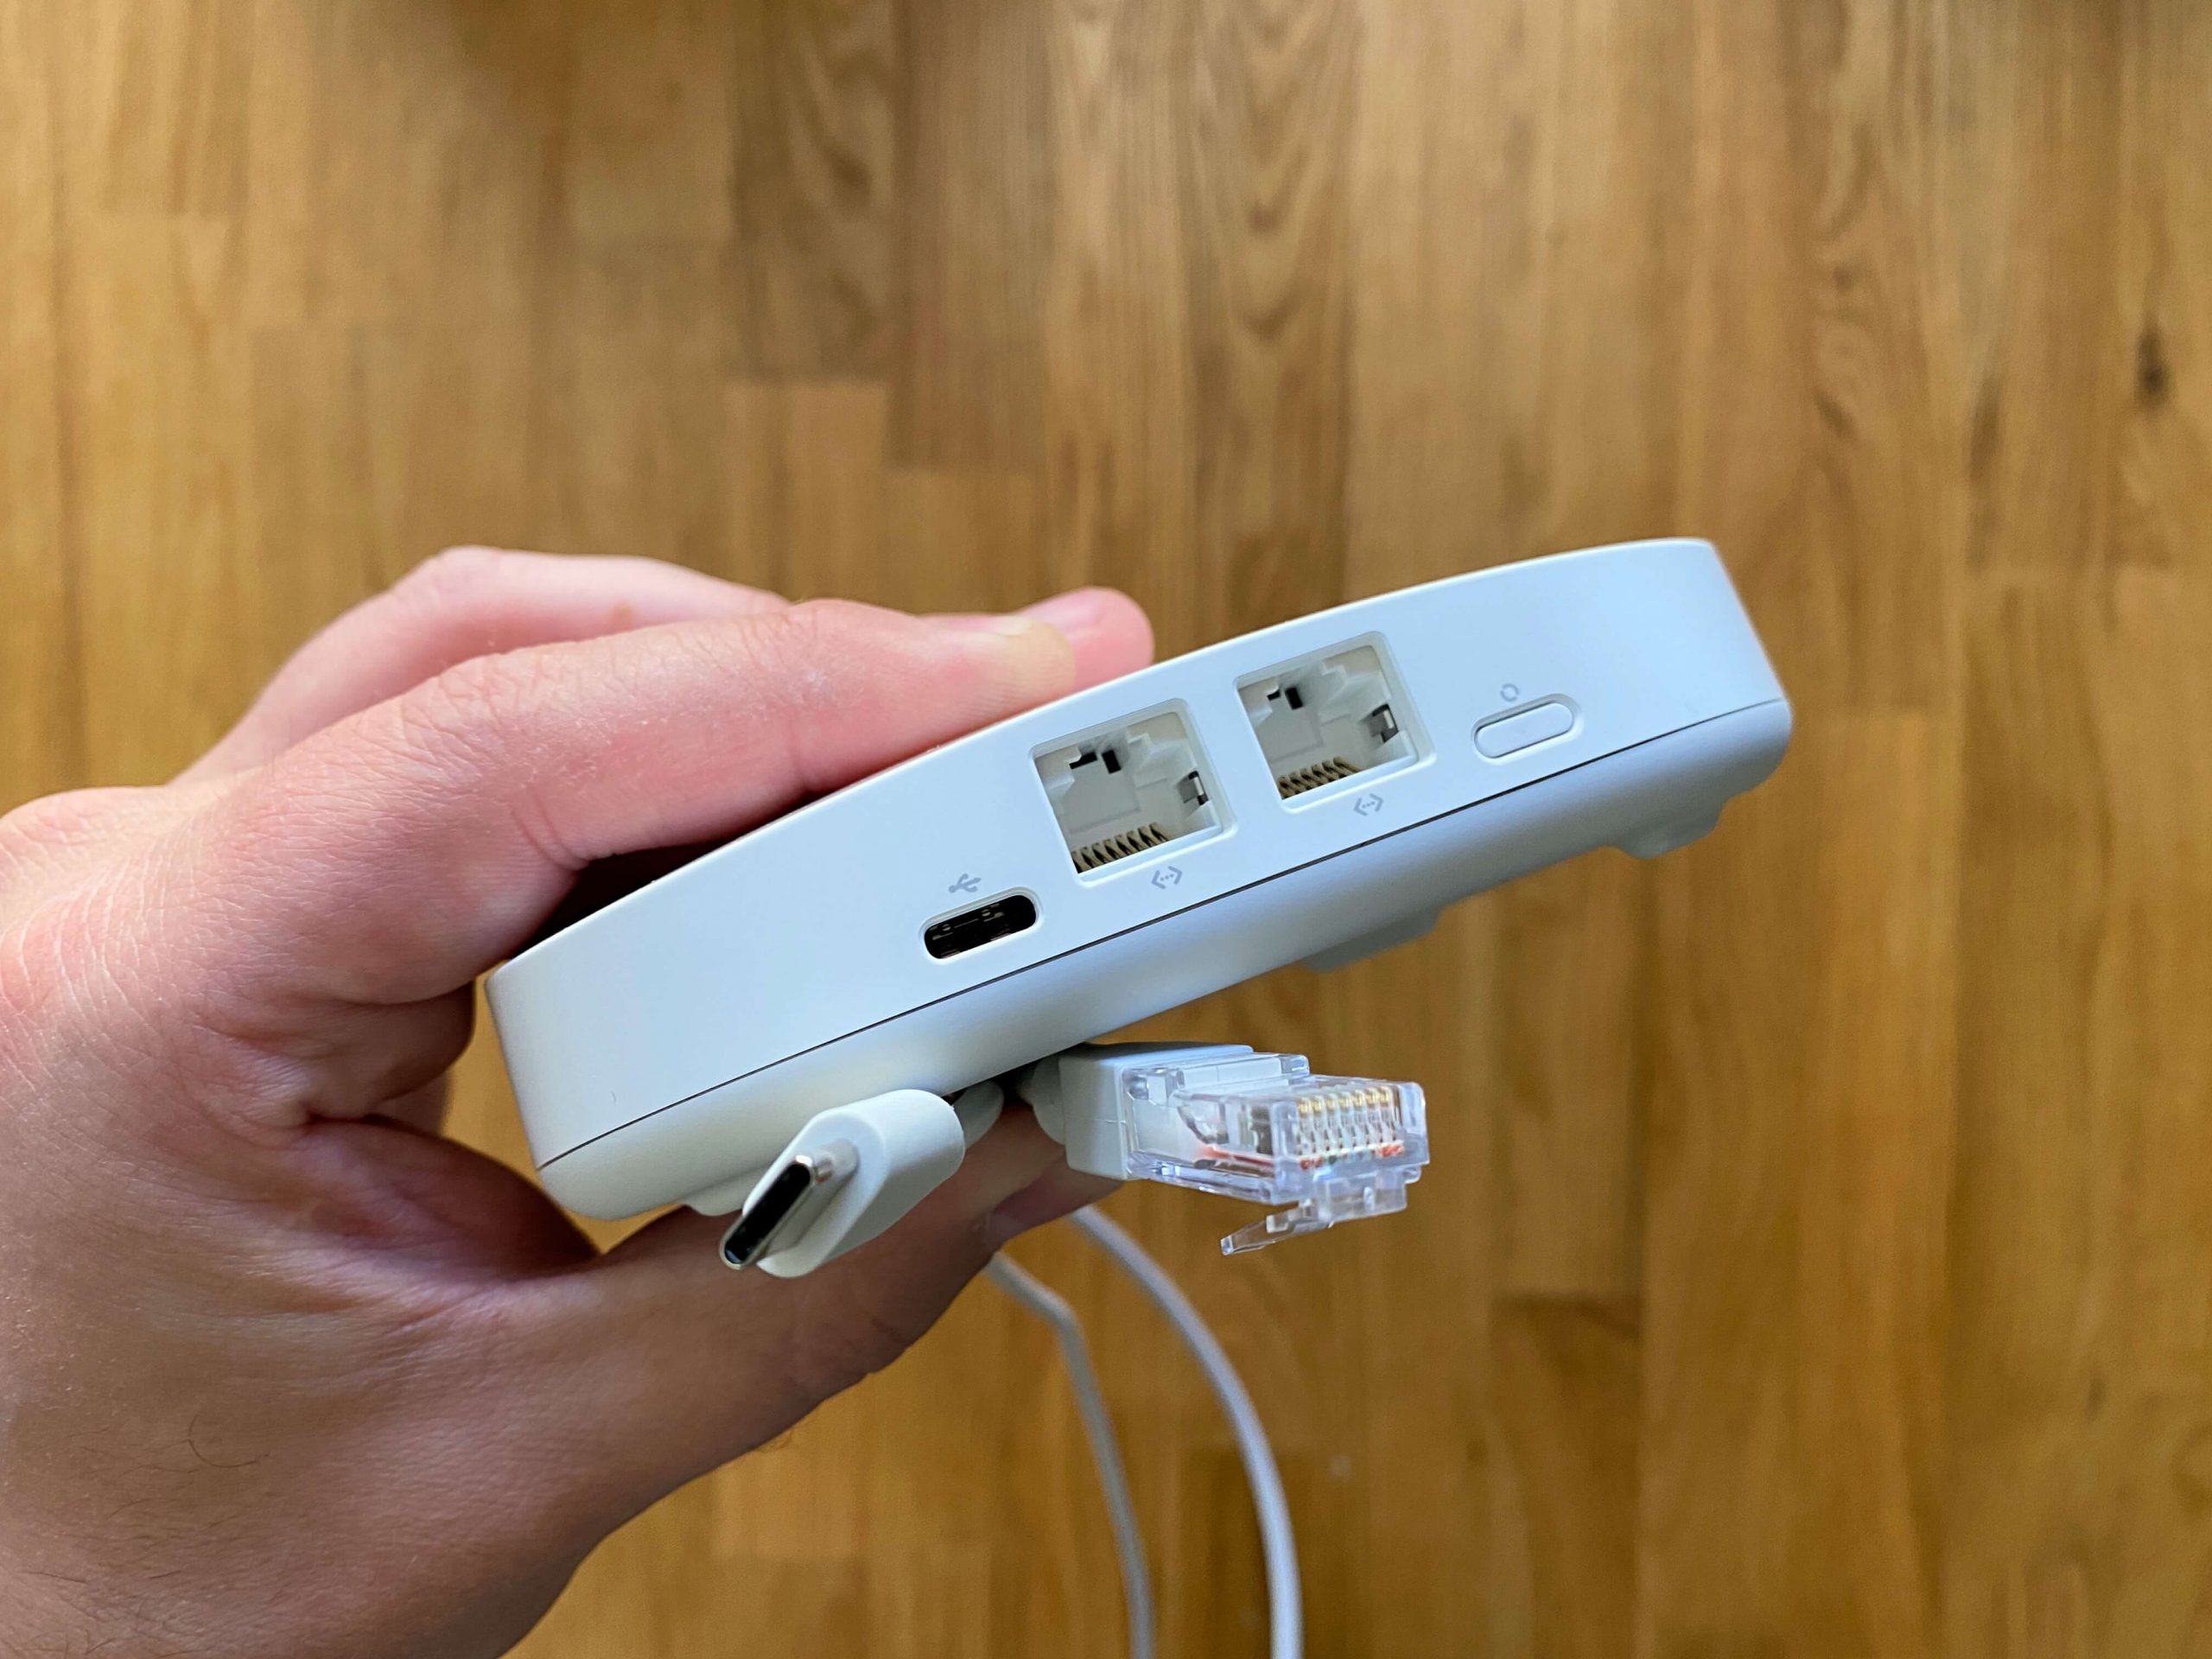 Apple-HomeKit-Router-von-eero-besondere-Sicherheit-im-SmartHome5-scaled Apple HomeKit Router von eero - maximale Sicherheit im Apple HomeKit-Zuhause